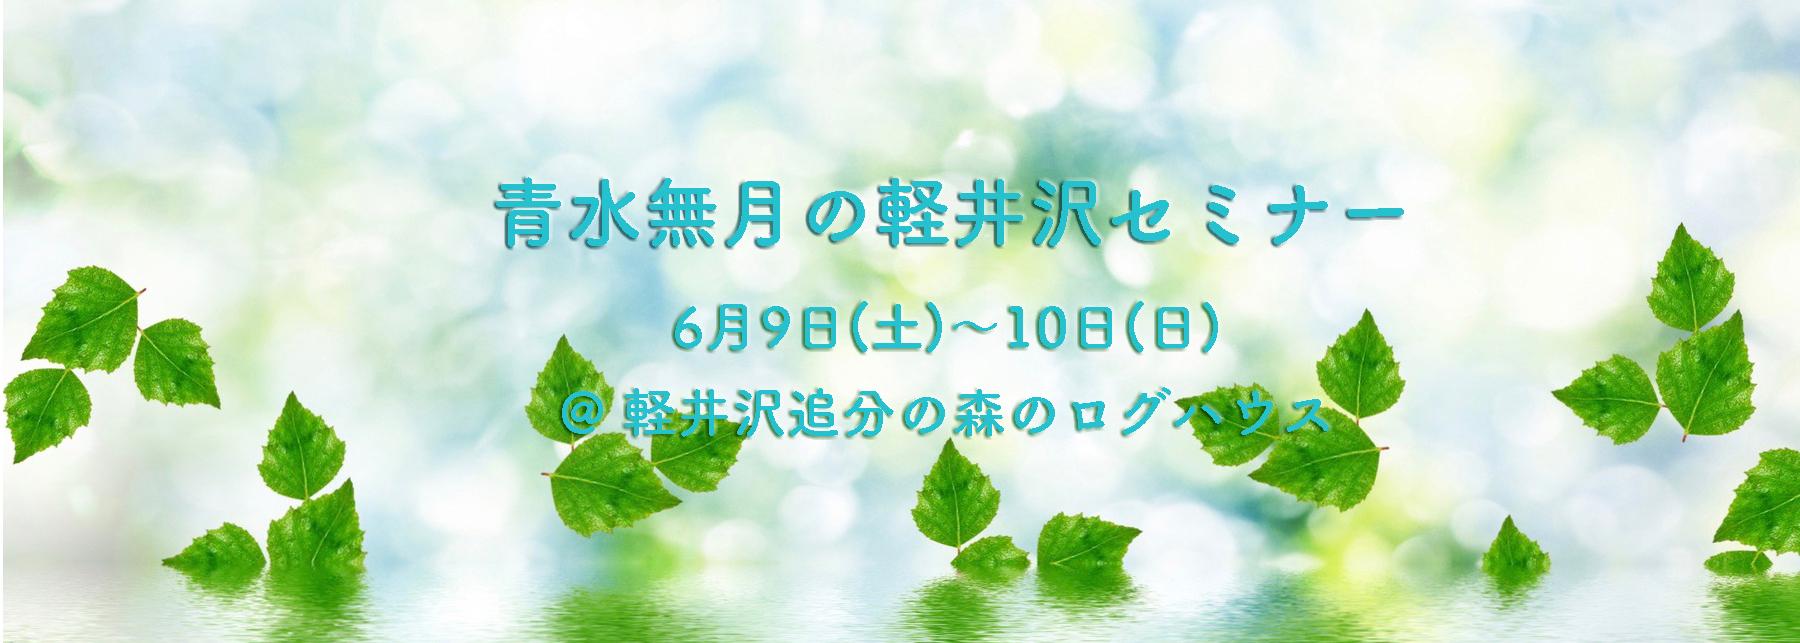 青水無月の軽井沢セミナー